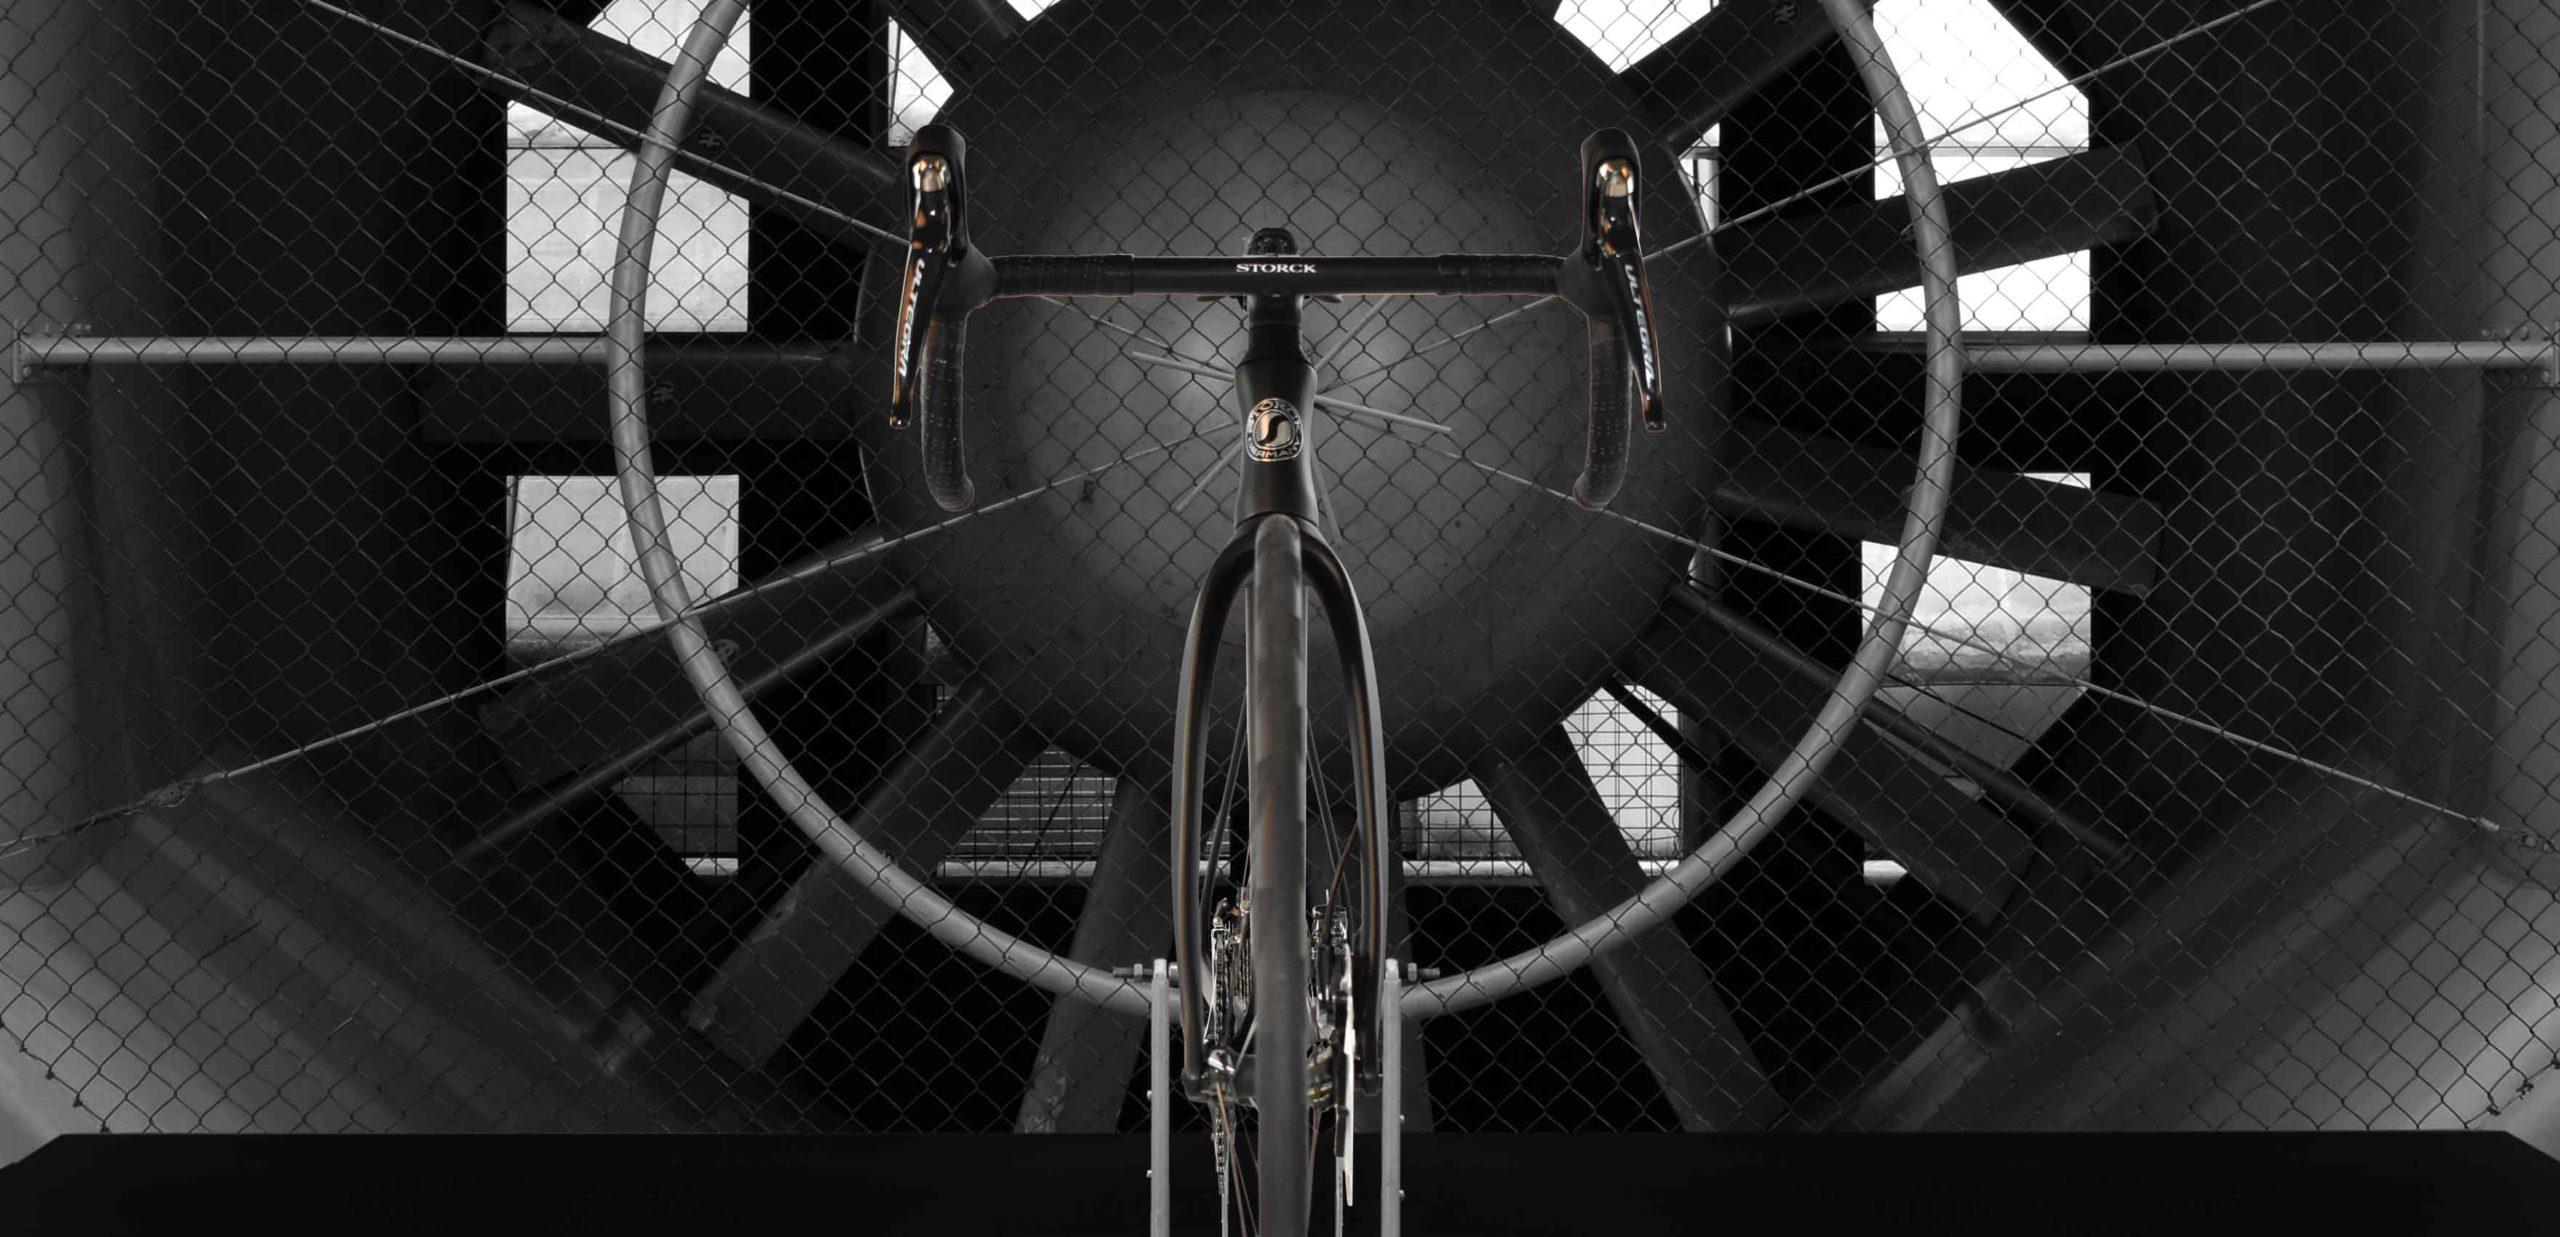 Storck Aerfast 3 punta a una bici da strada più leggera, più veloce e più aerodinamica, ora con freni a disco